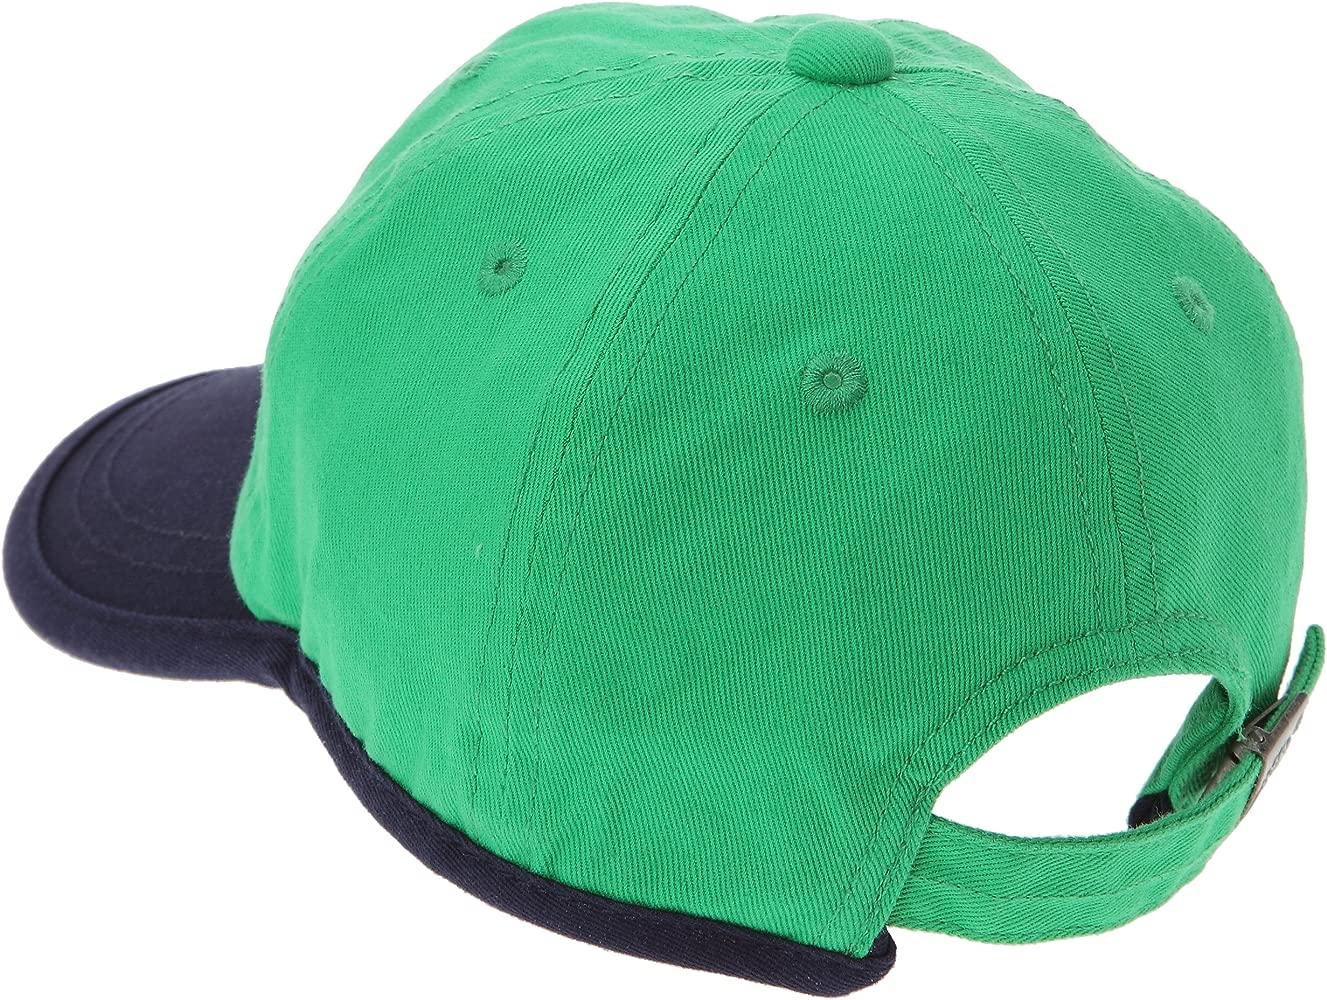 Timberland - Gorra para niño, talla 18 meses (50), color verde ...